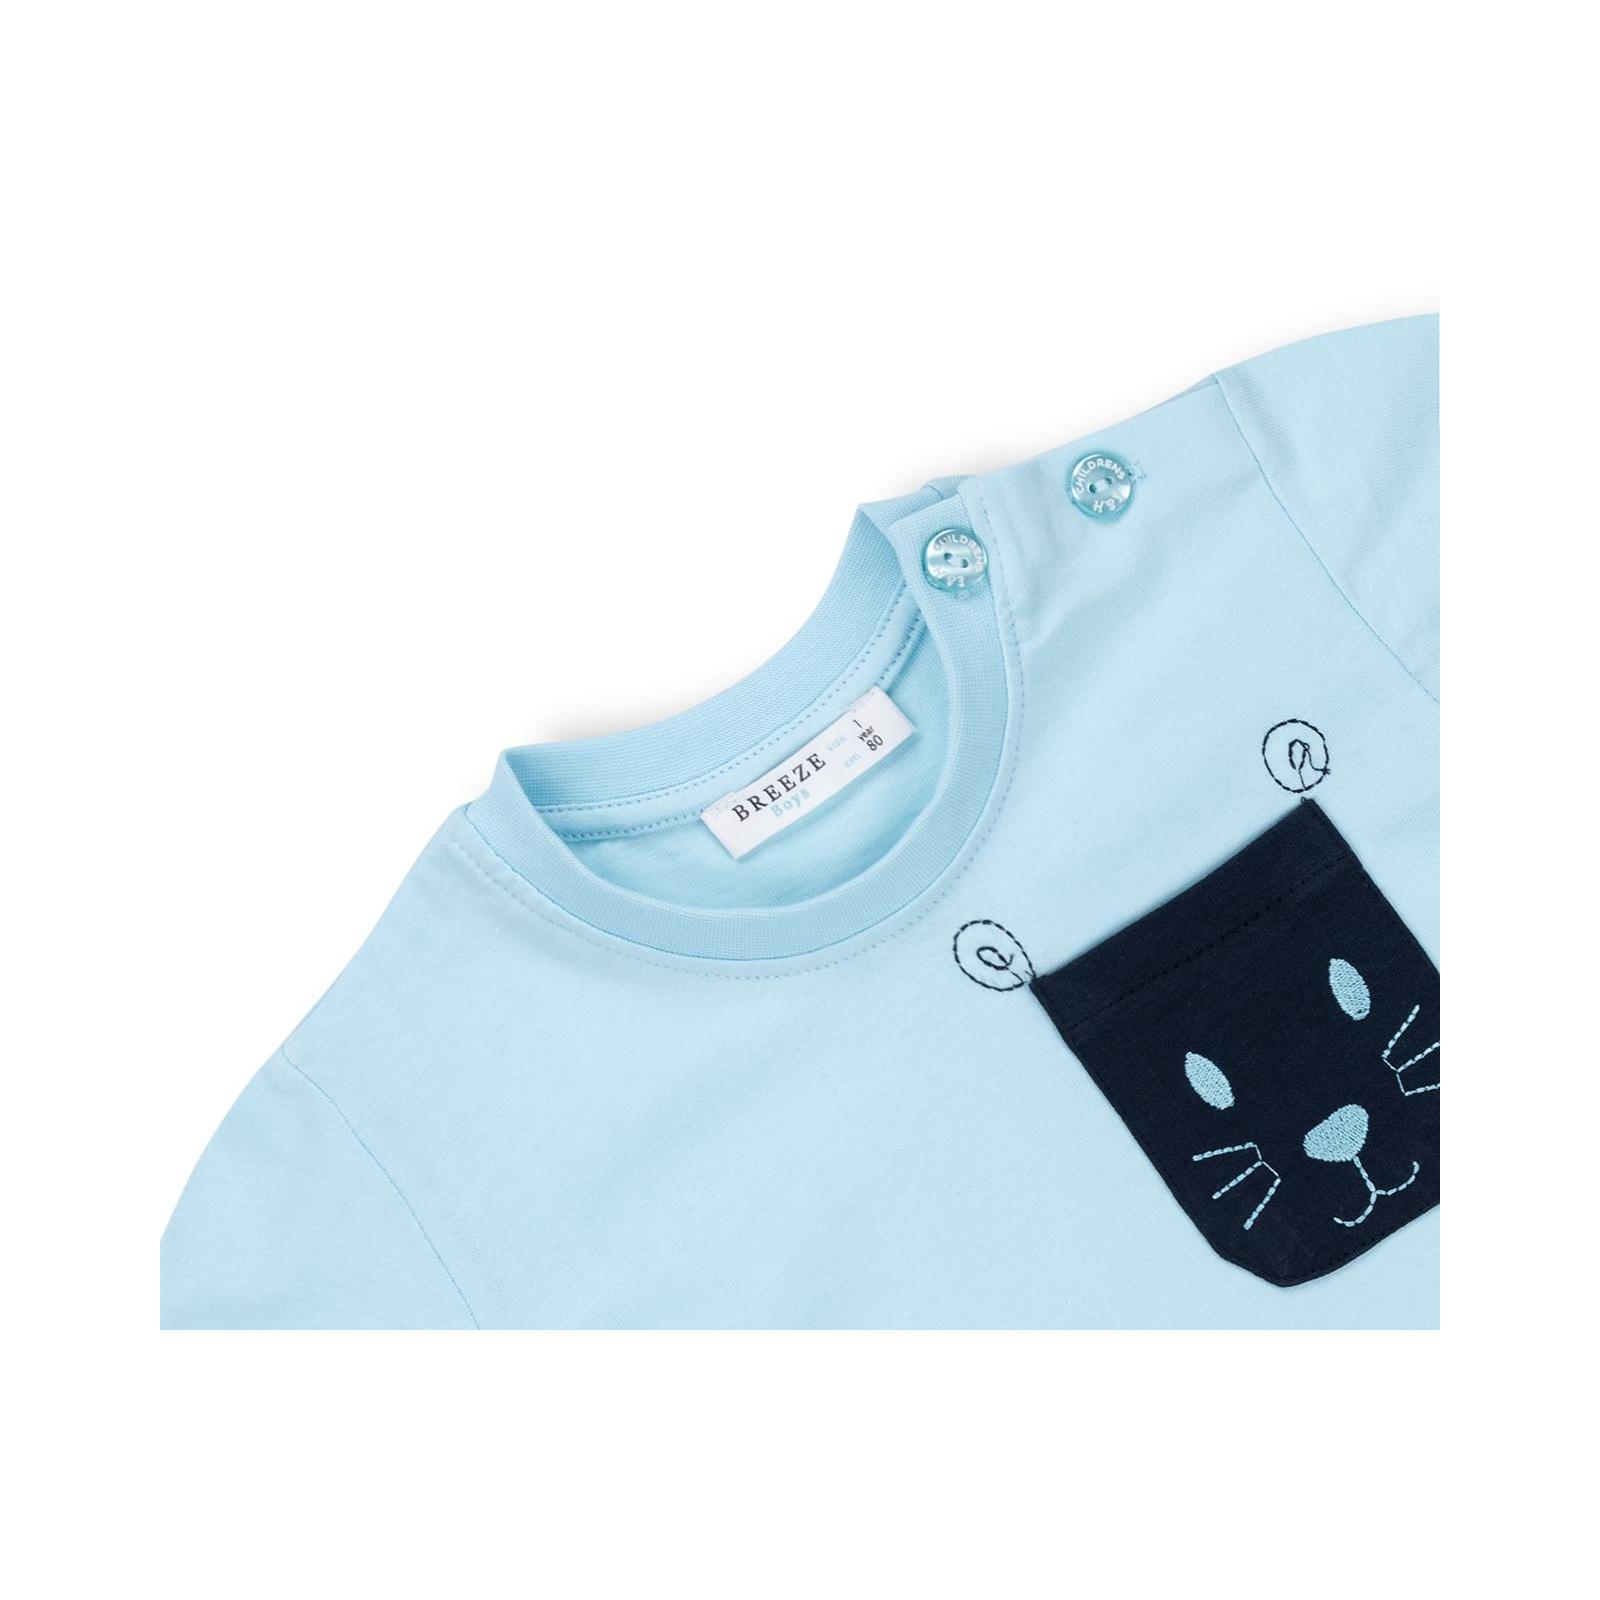 Набор детской одежды Breeze с карманчиками (10234-92G-blue) изображение 7